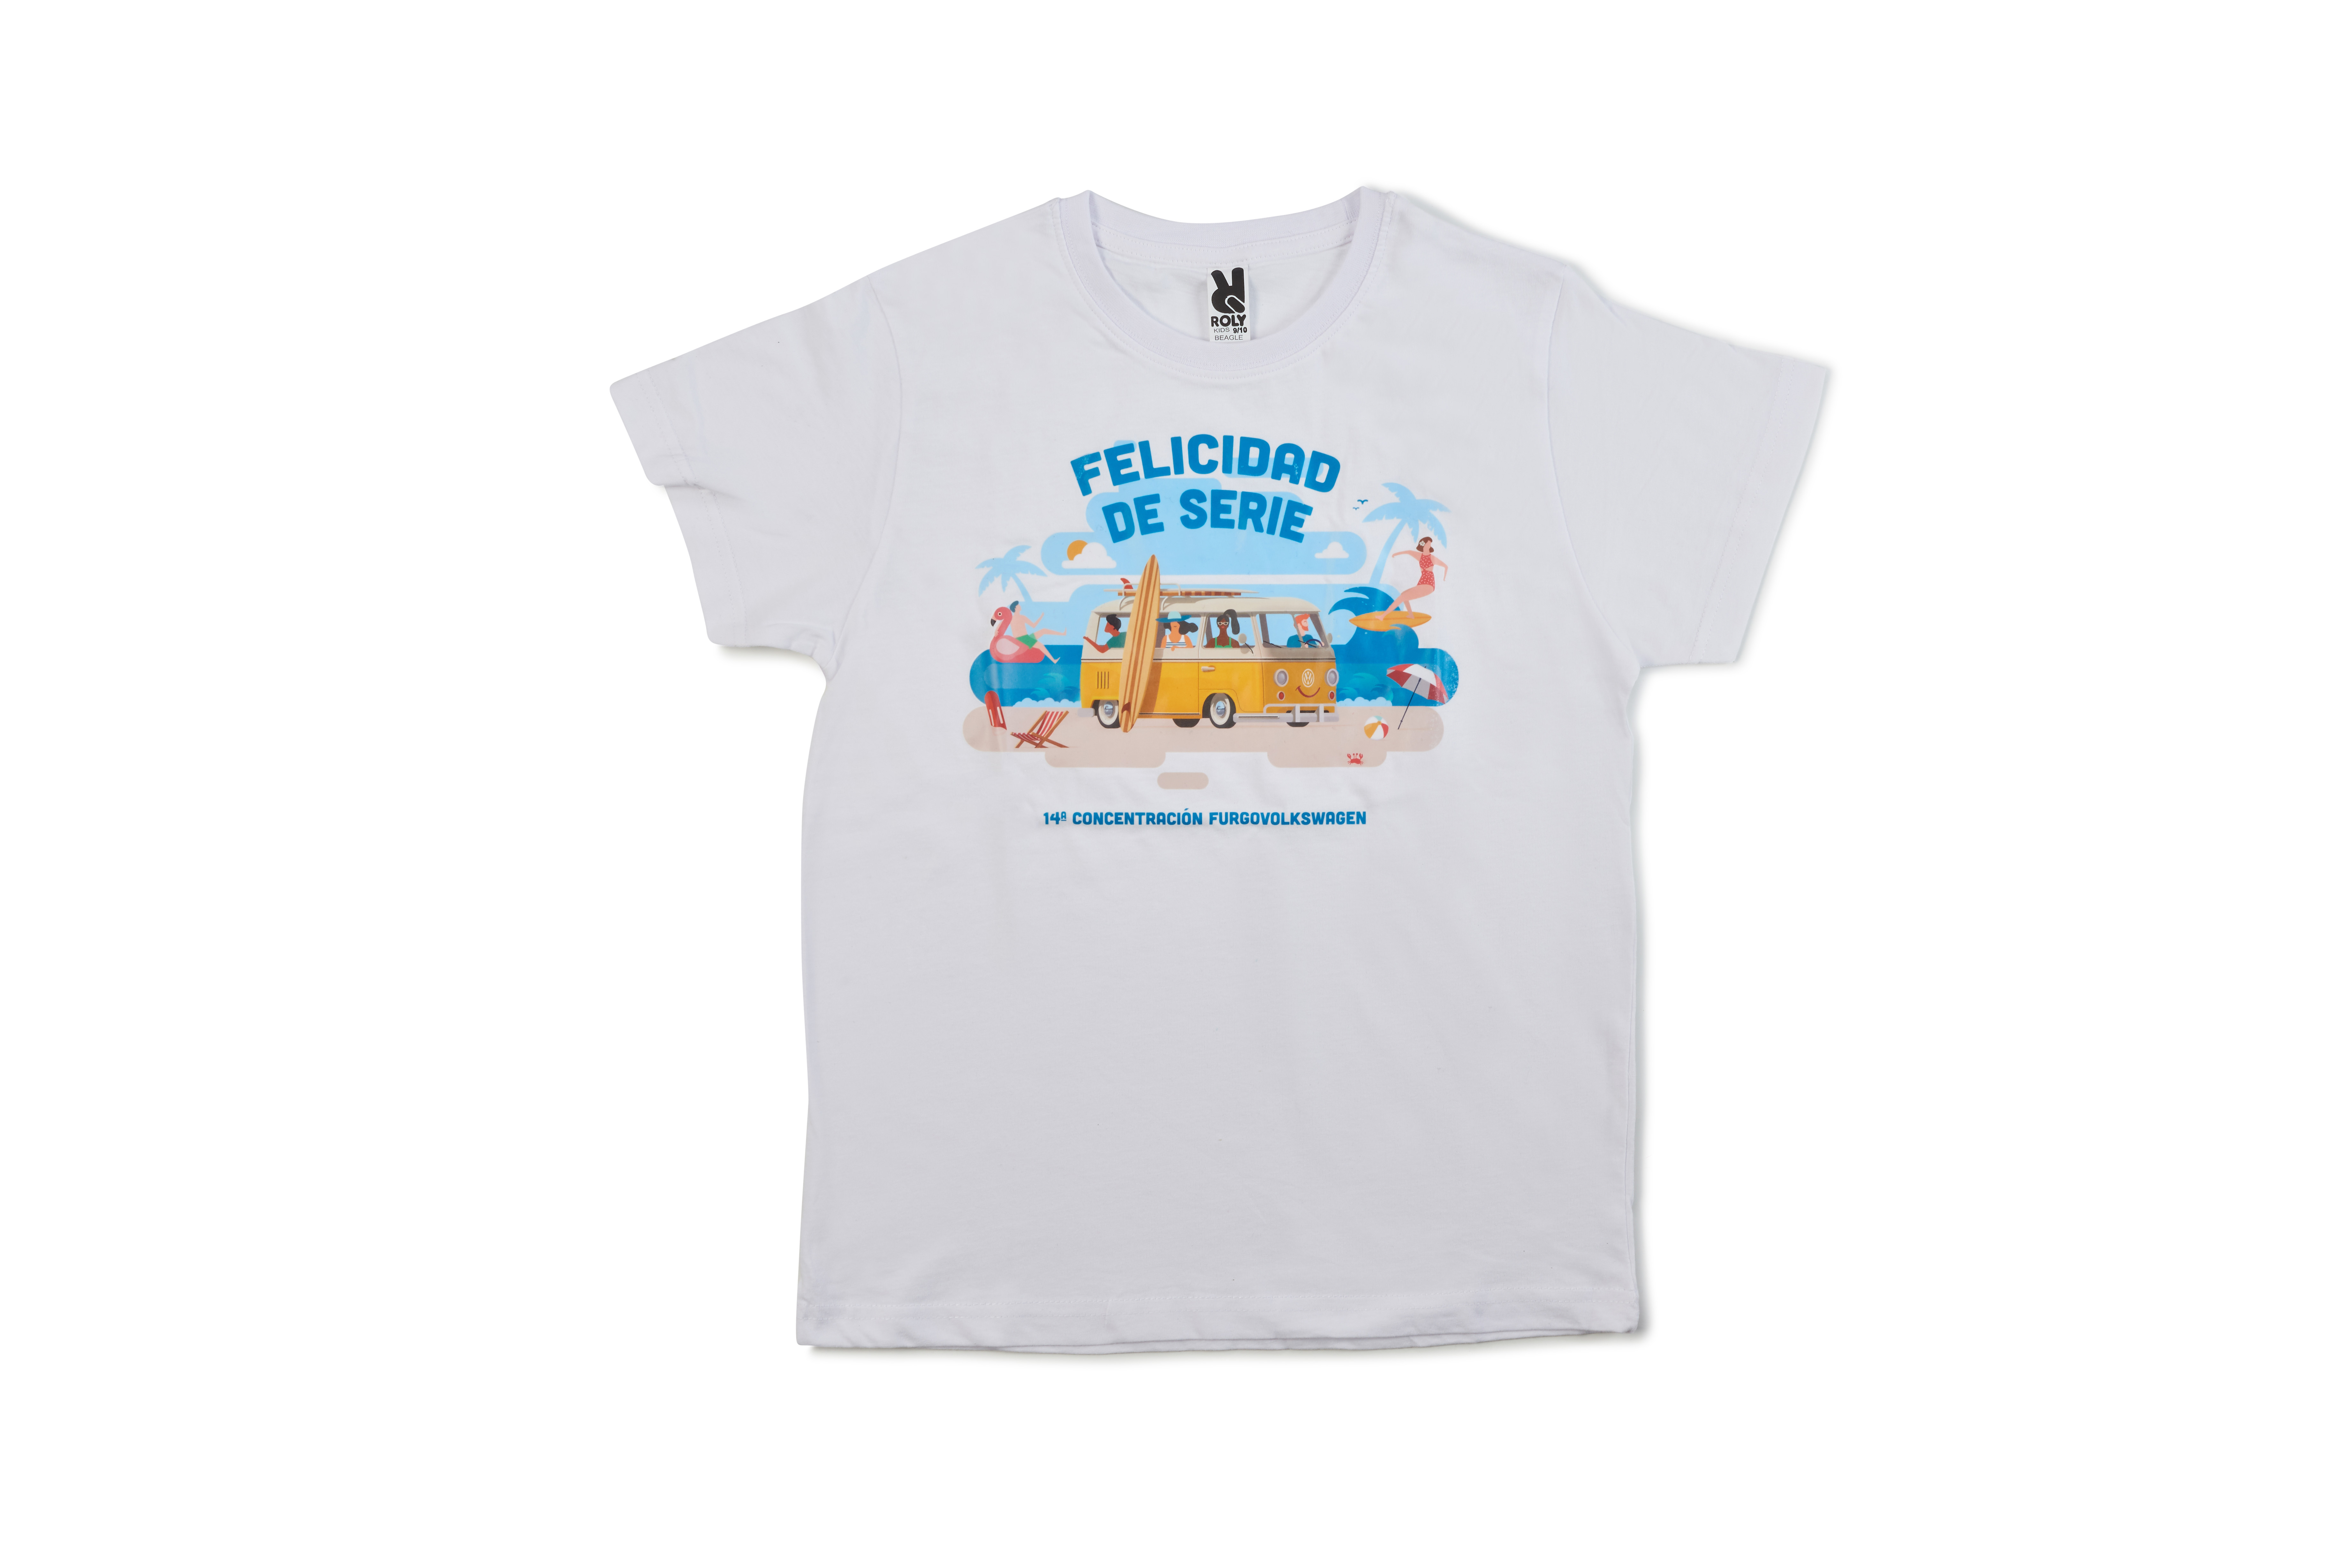 Camiseta 14ª Concentración FurgoVolkswagen